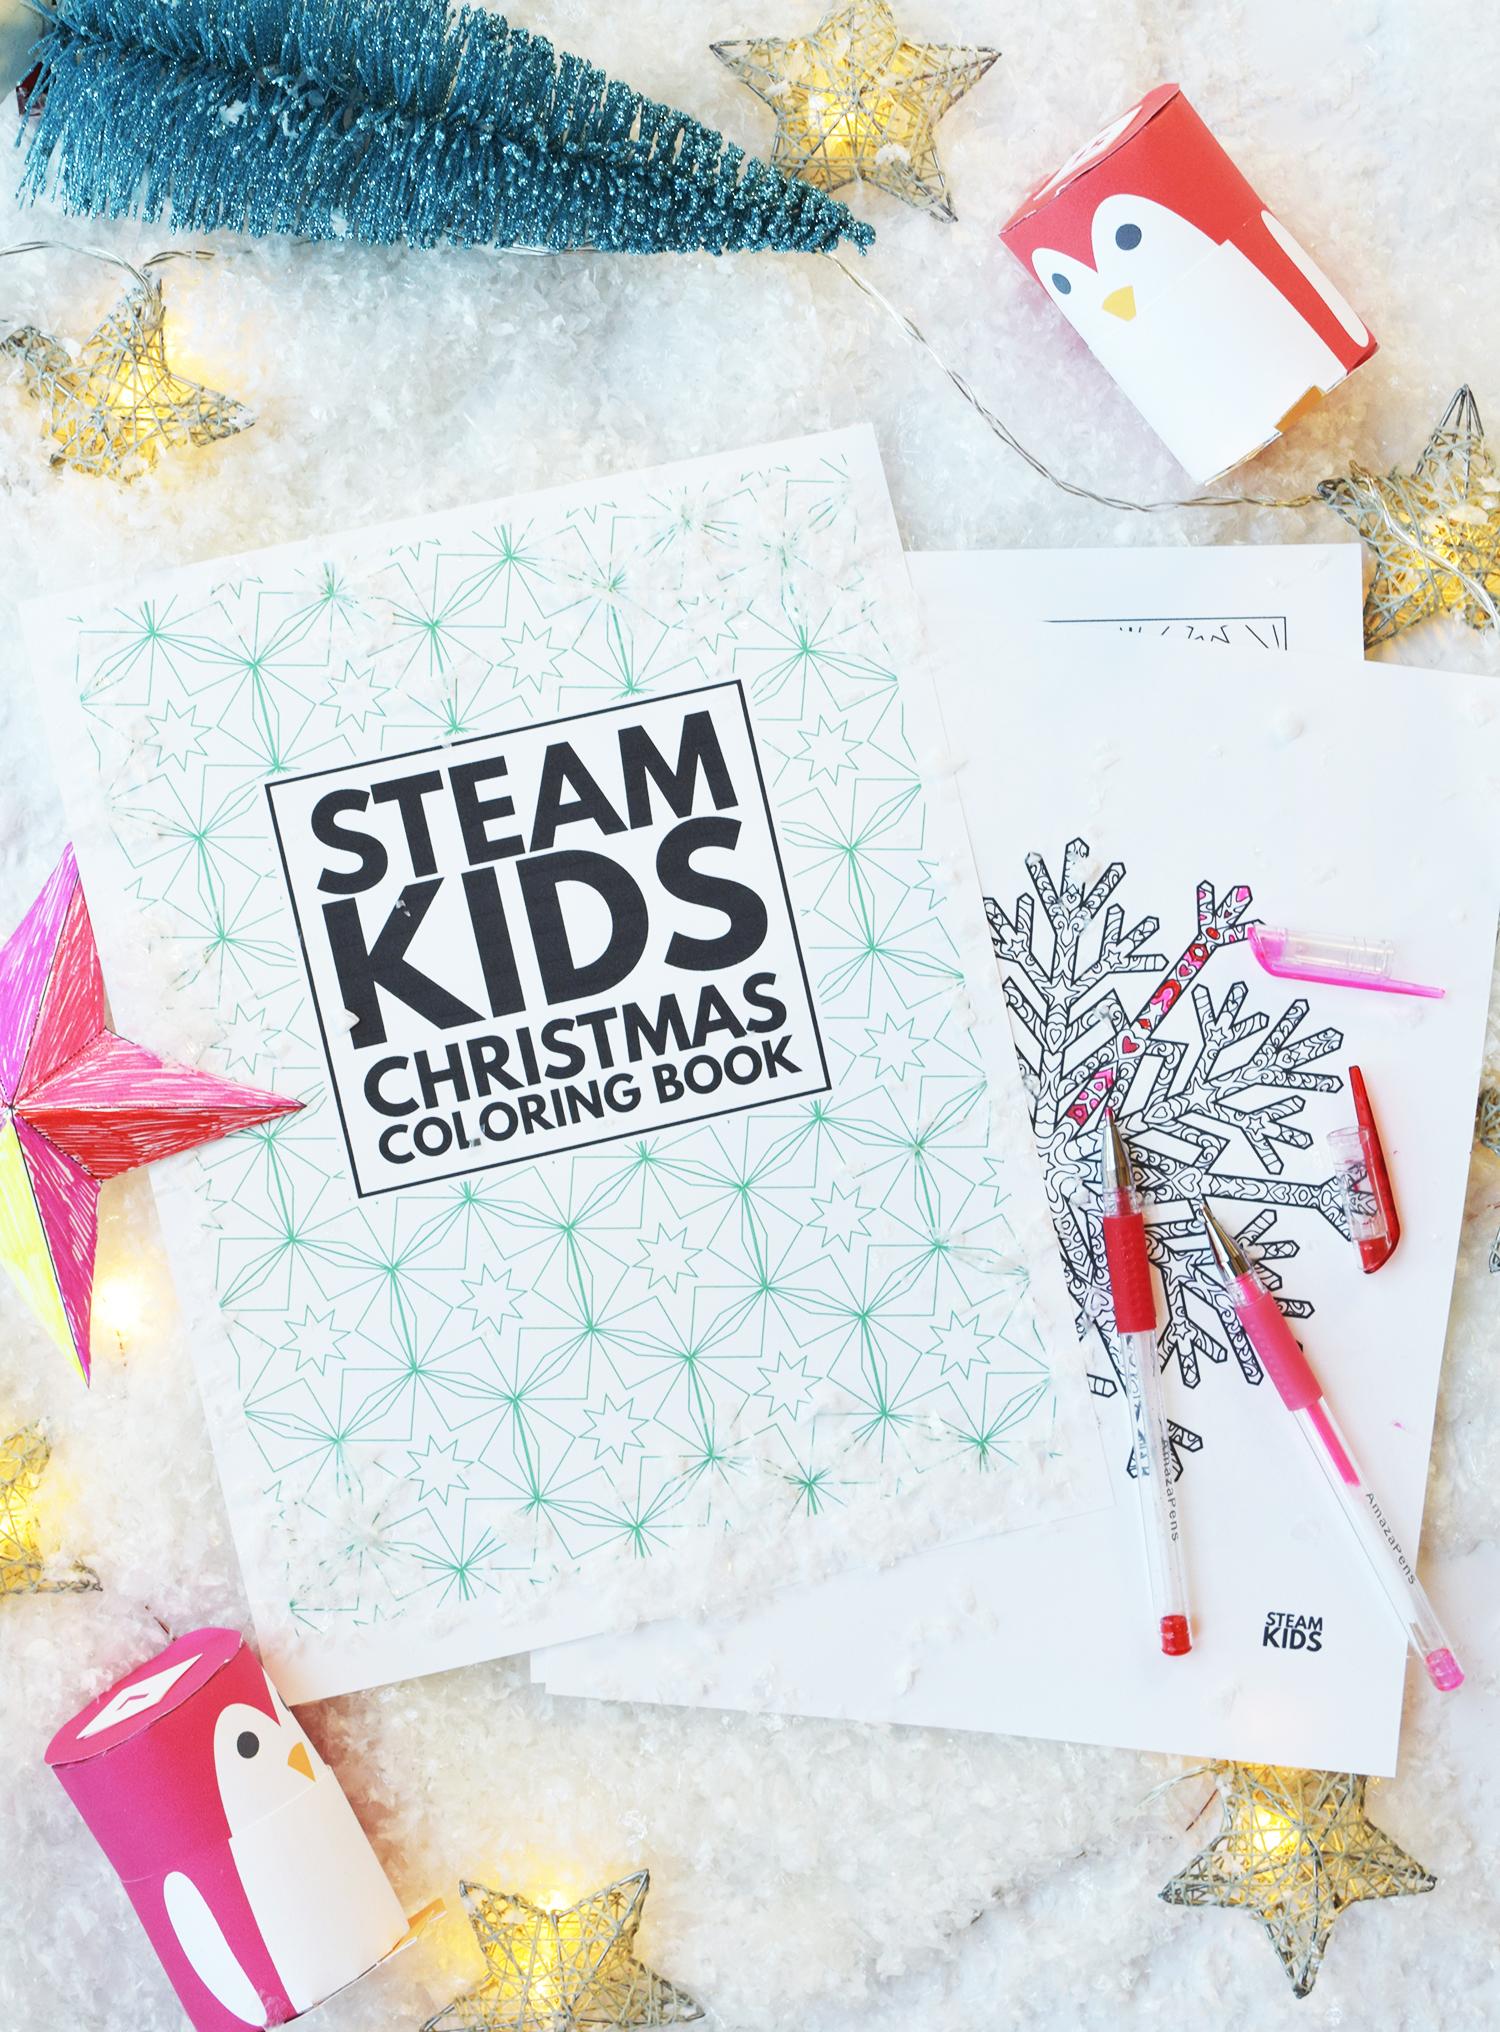 steam_kids_christmas_coloring_book_2.jpg